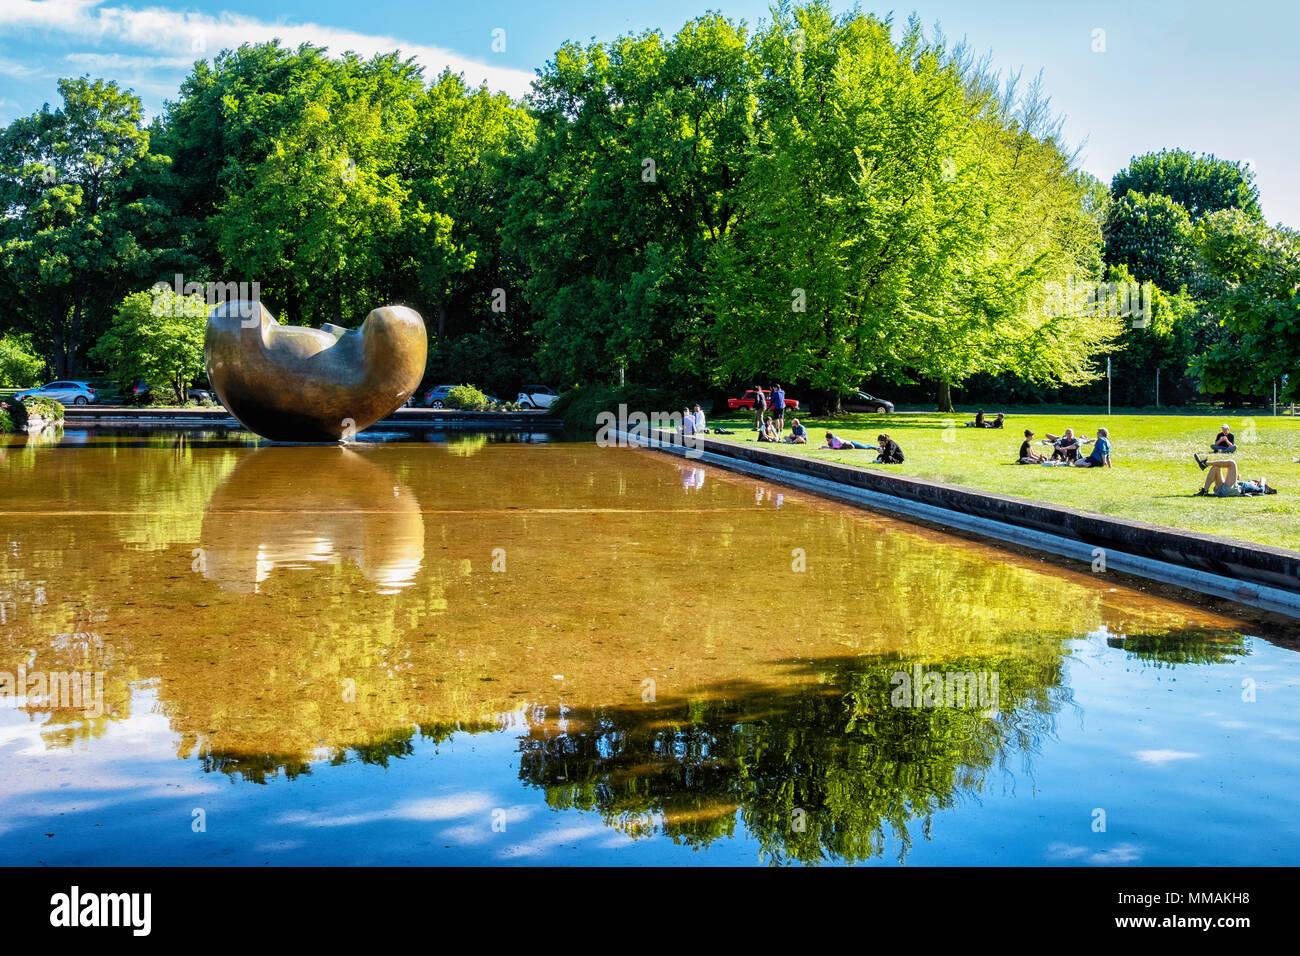 Berlin, Tiergarten. Henry Moore sculpture in pond outside the HKW {Haus der Kulturen der Welt). - Stock Image